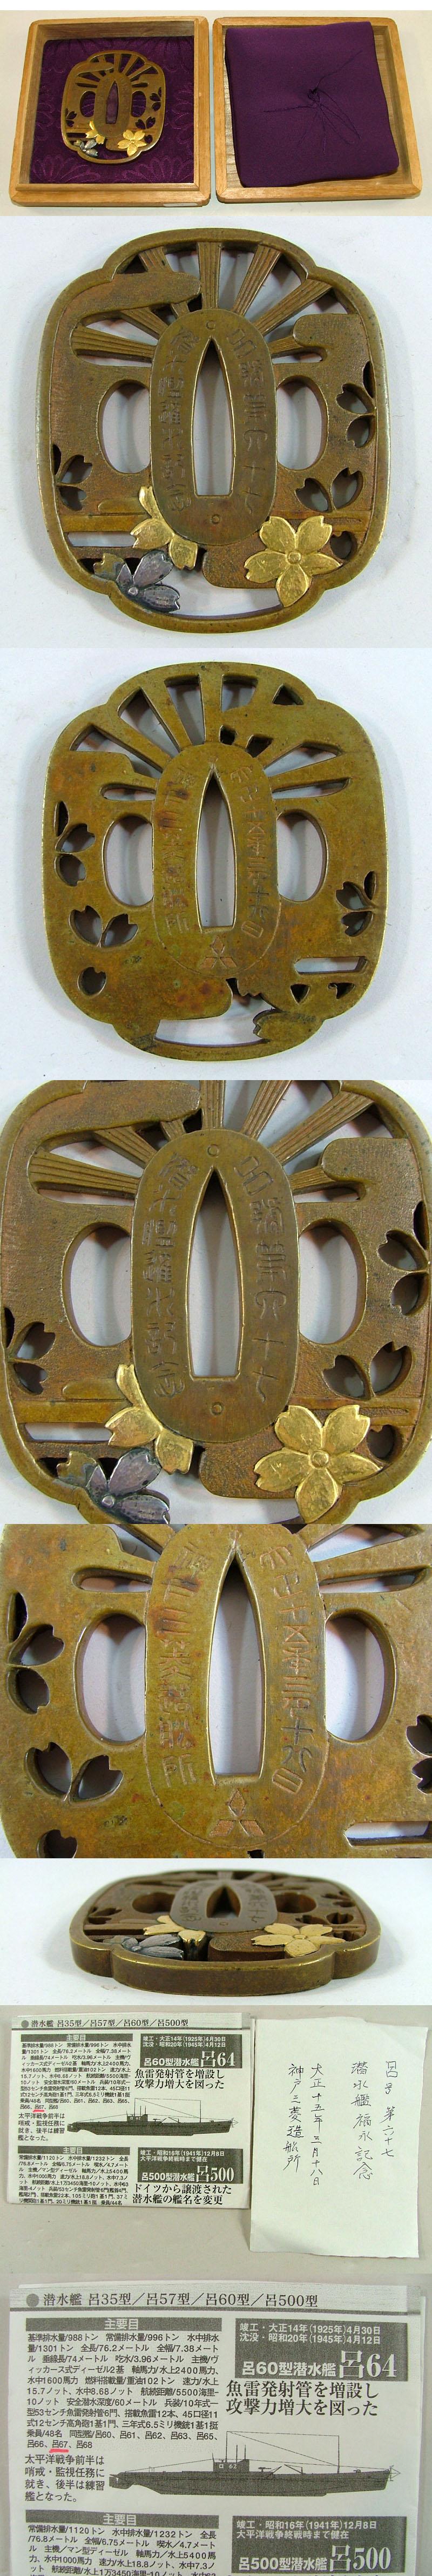 呂号第六十七 潜水艦福永記念各部分画像